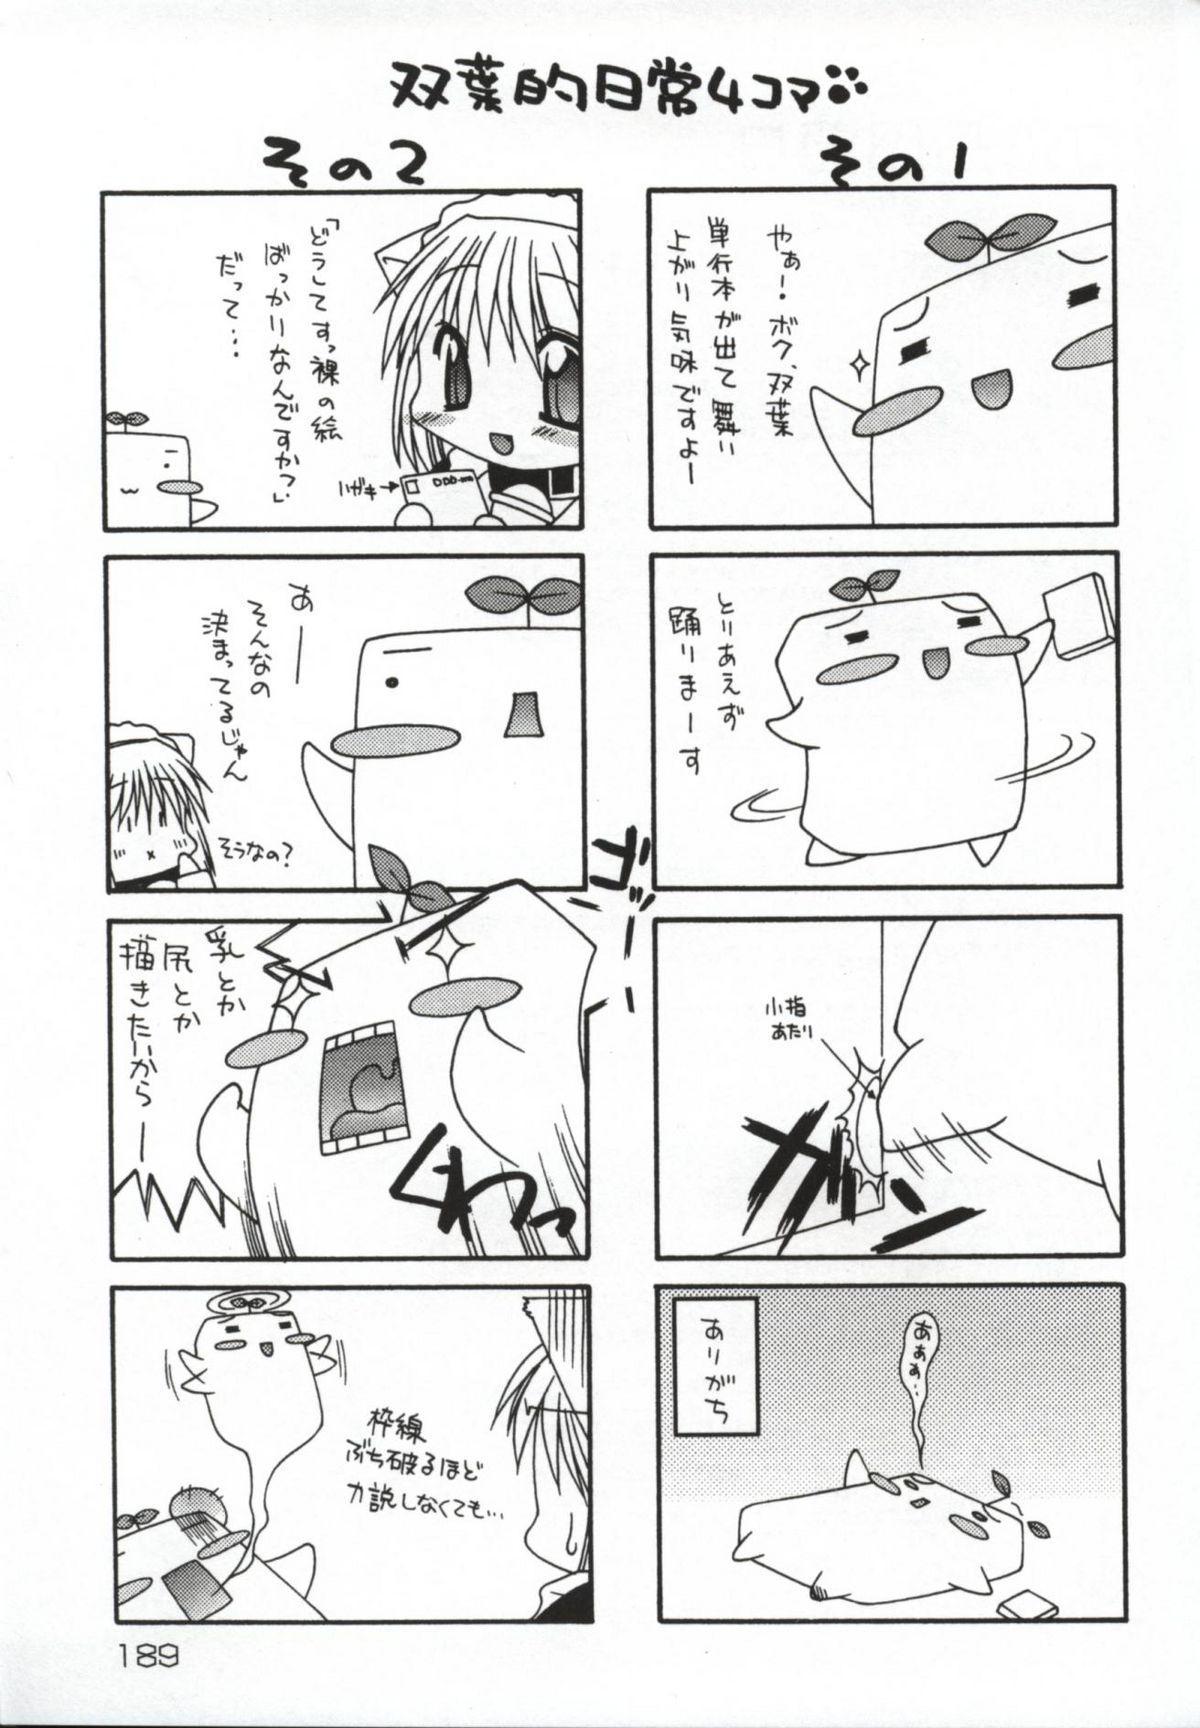 Hatsujou ♡ Oneesama 189